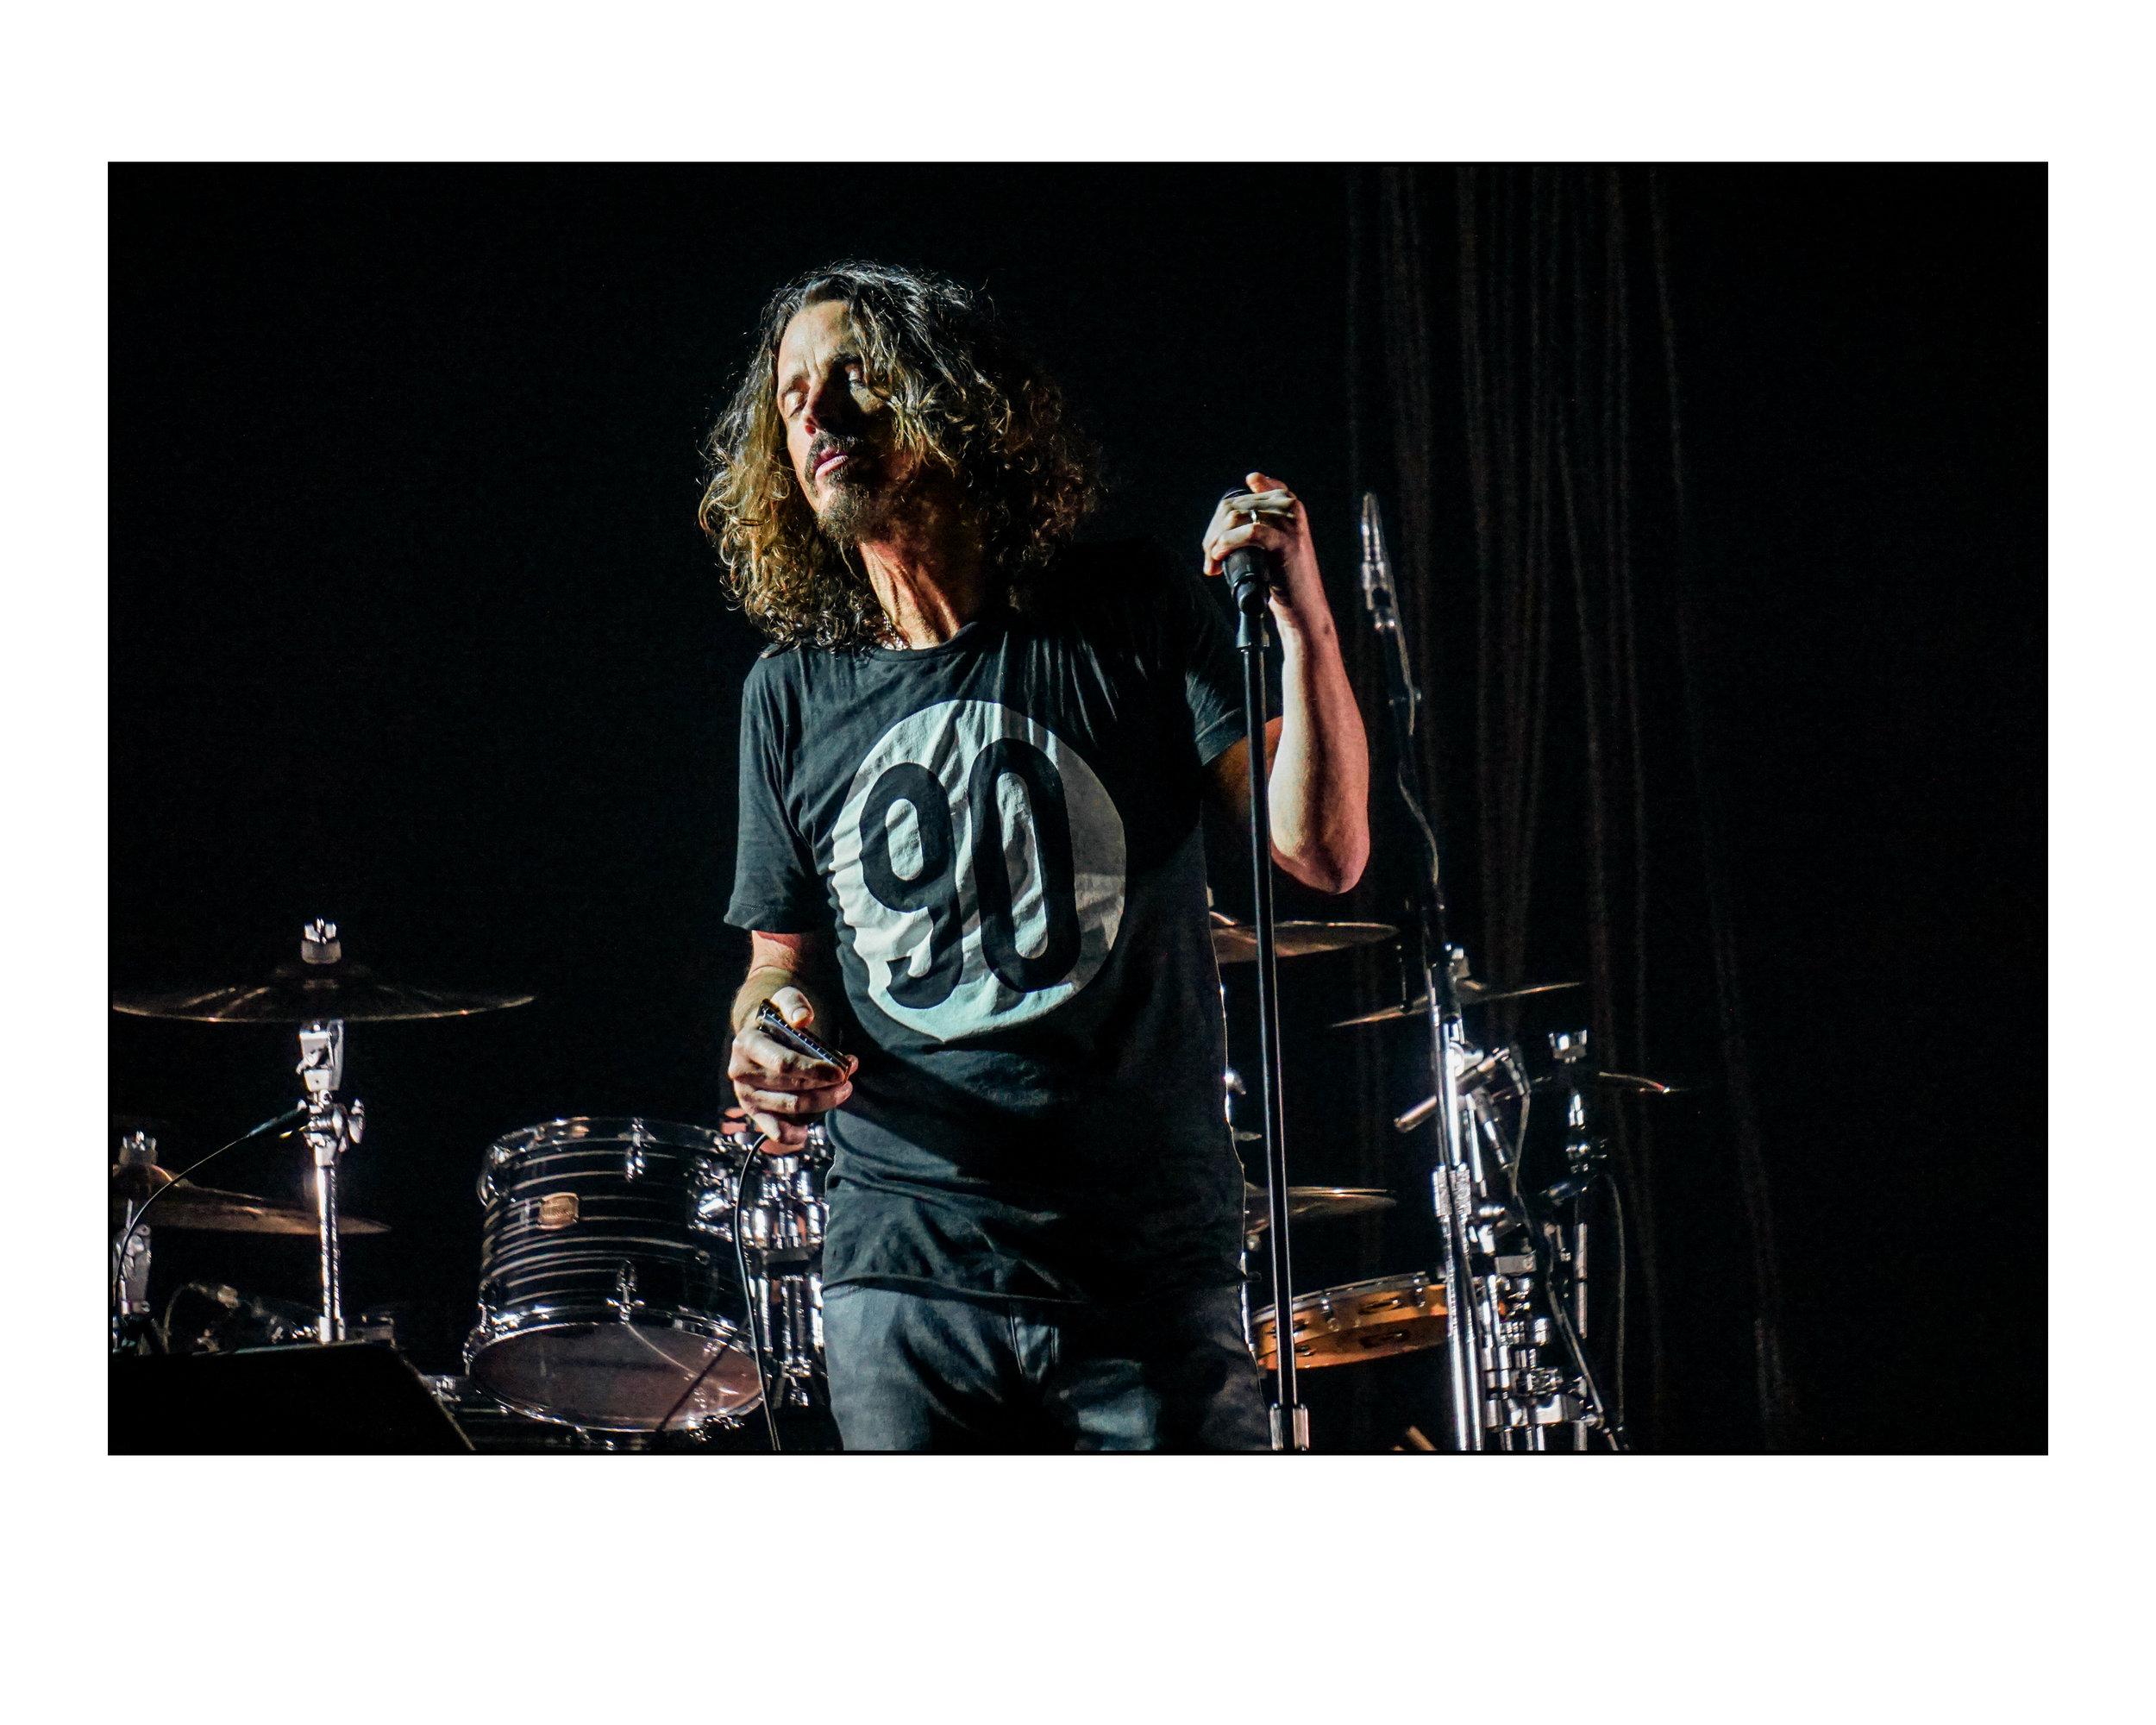 DSC09645 - Chris Cornell Harp 1 - Temple Of The Dog - 11-04-16.jpg